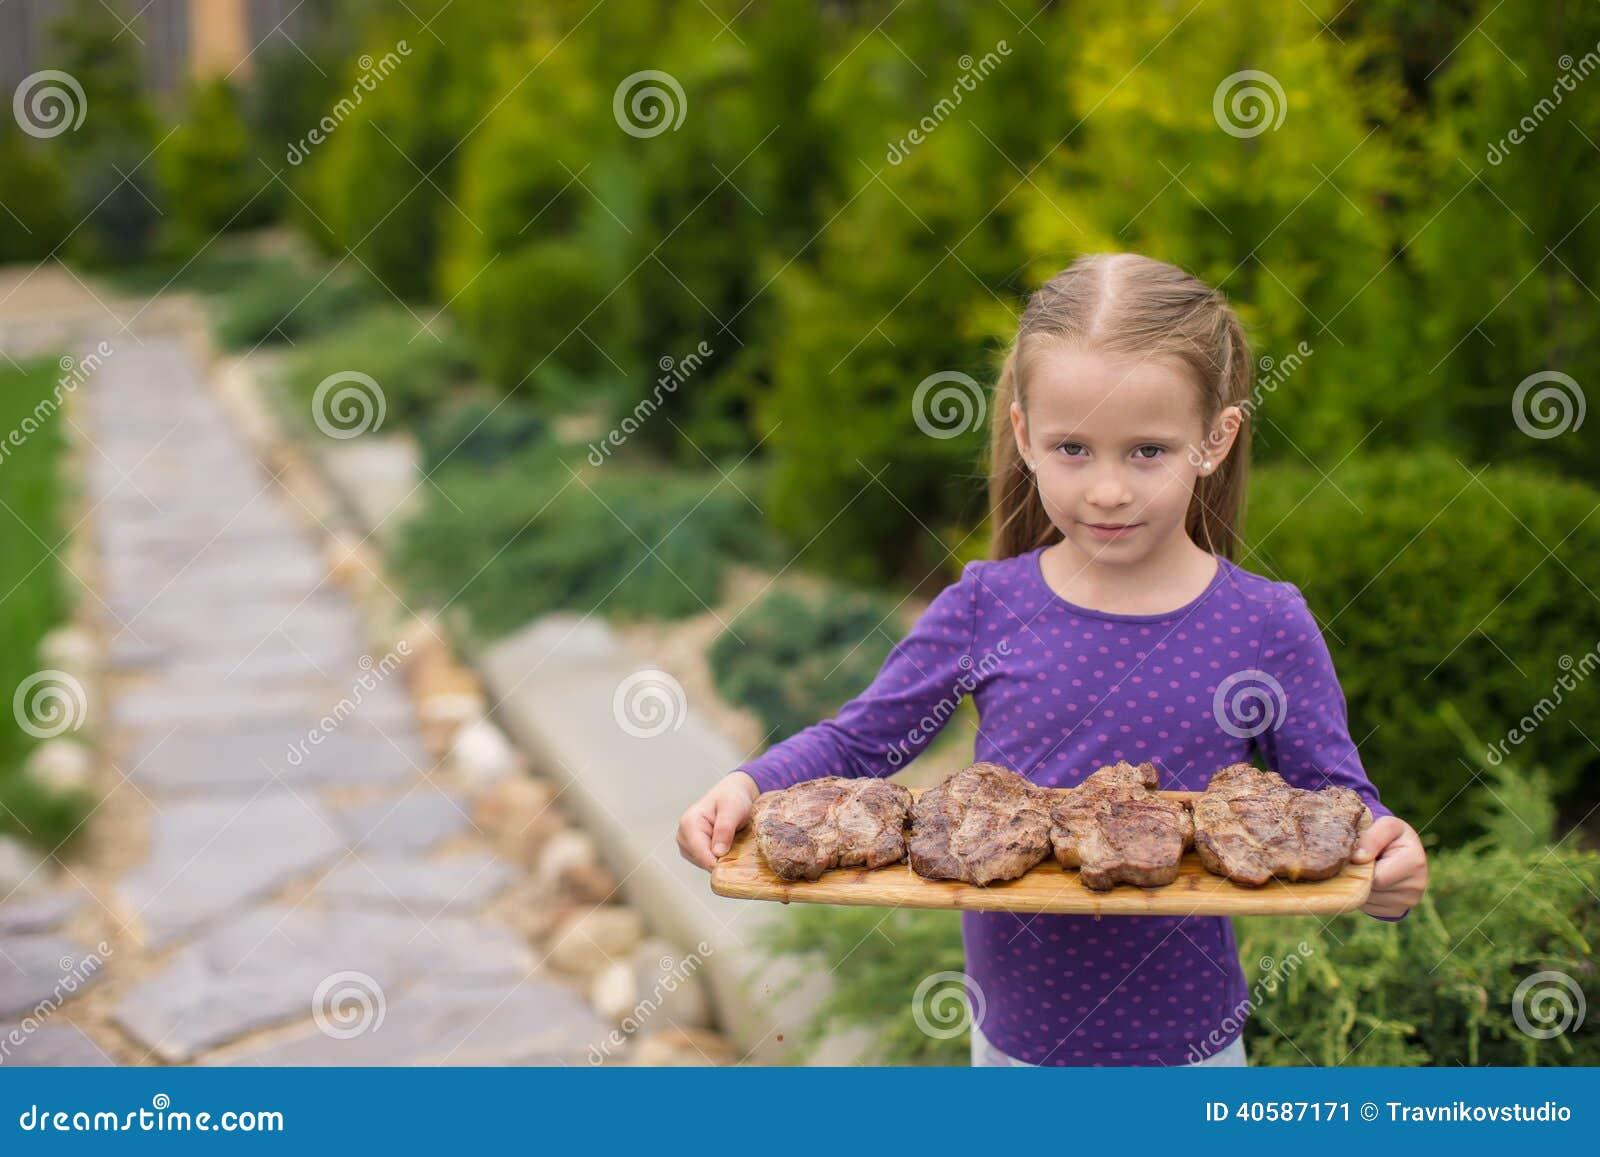 Прелестная маленькая девочка с зажаренными стейками в руках внешних